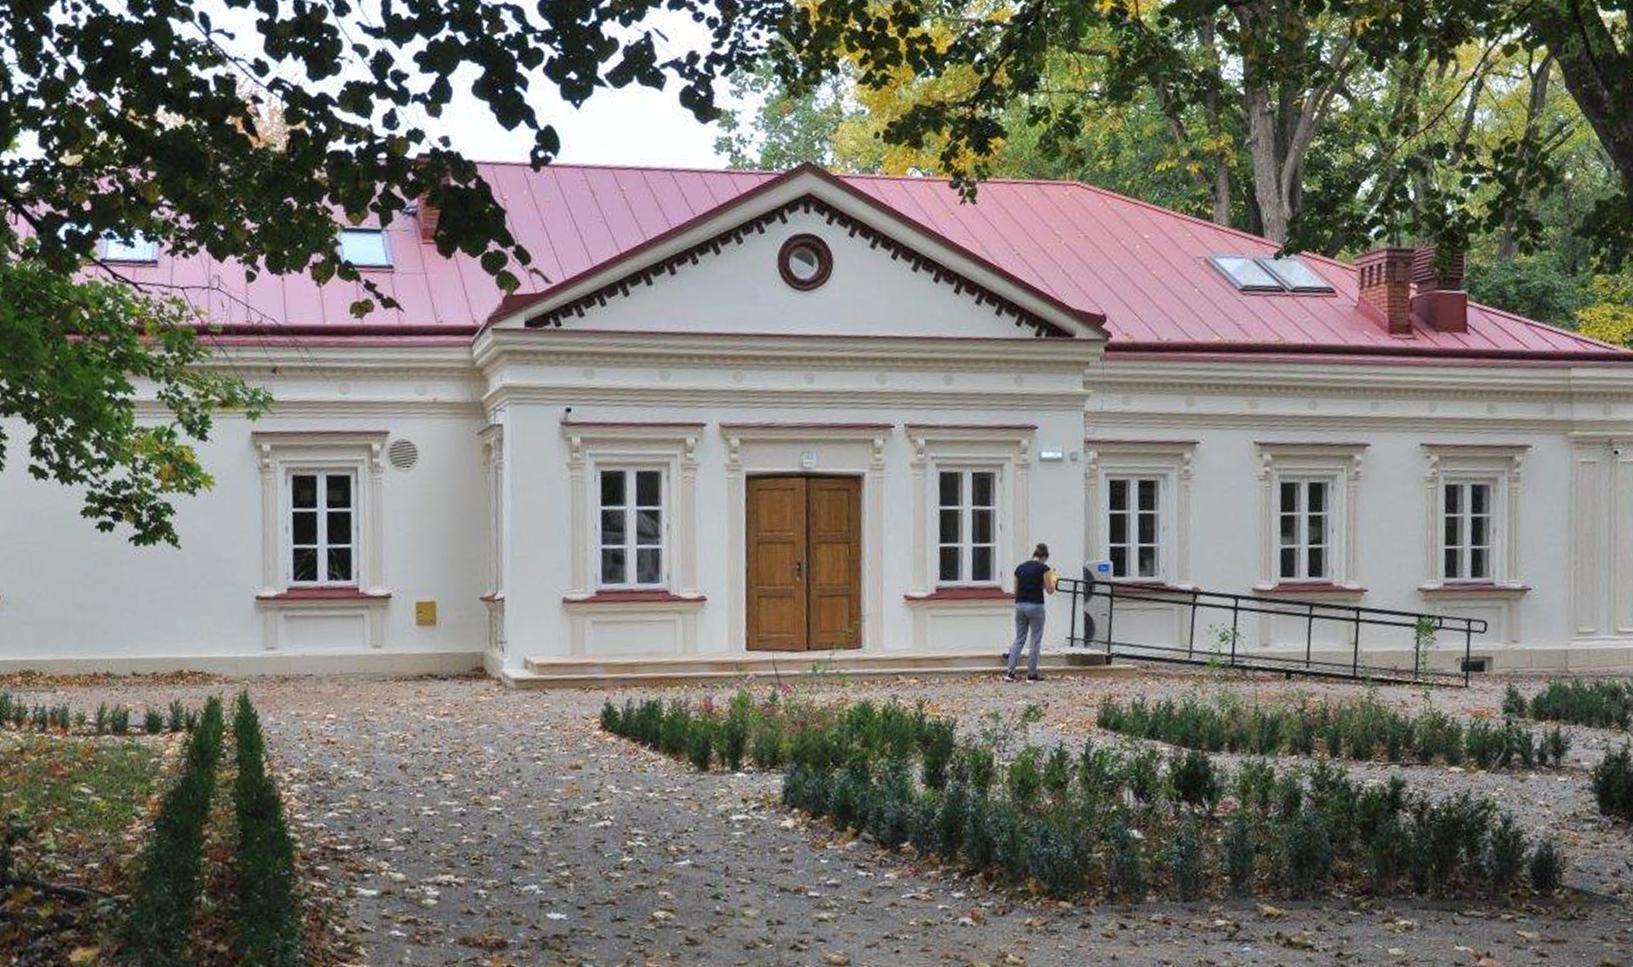 Niepowtarzalny koncert w dworze Błotnickich w Dzikowcu już w niedzielę [PLAKAT] - Zdjęcie główne